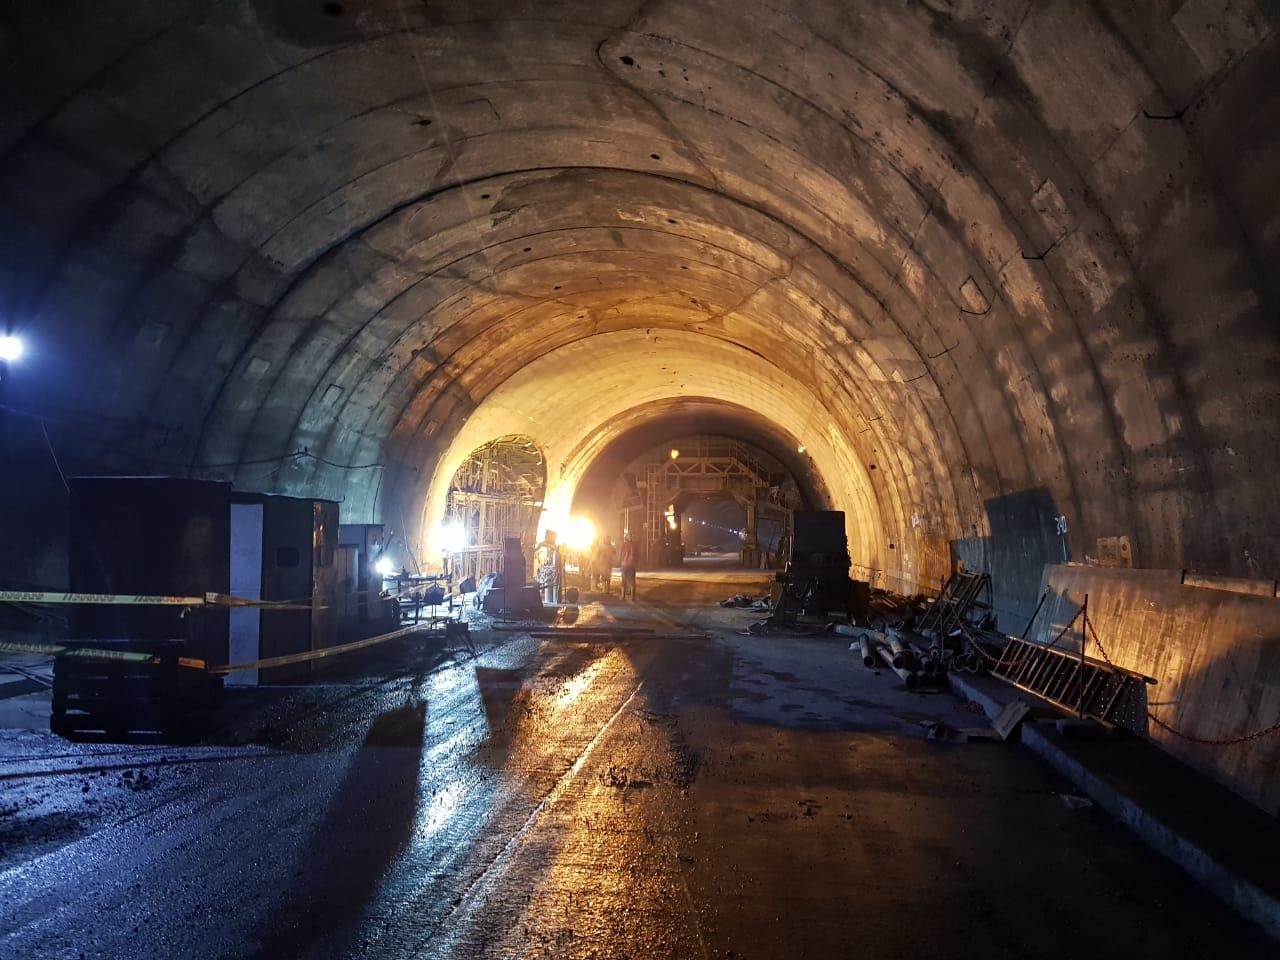 Encofrado de encuentro para el túnel de La Línea by RÚBRICA TUNNELS